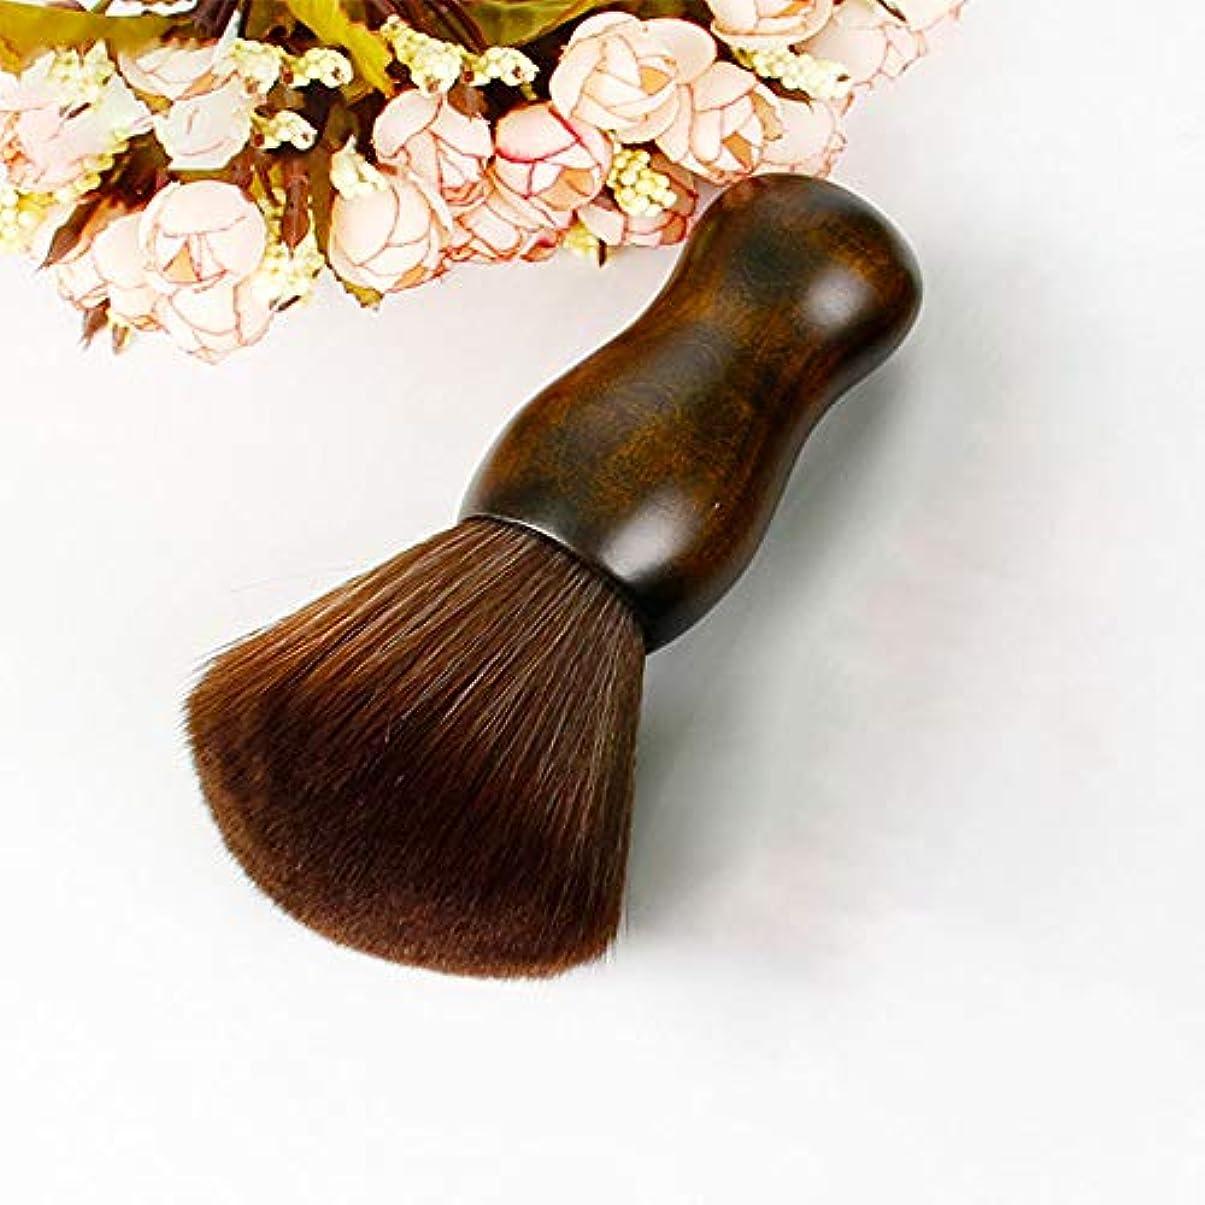 専門のバリカンつばの三つ編みのブラシの頭部、木のハンドルの毛の切断装置のナイロンブラシ